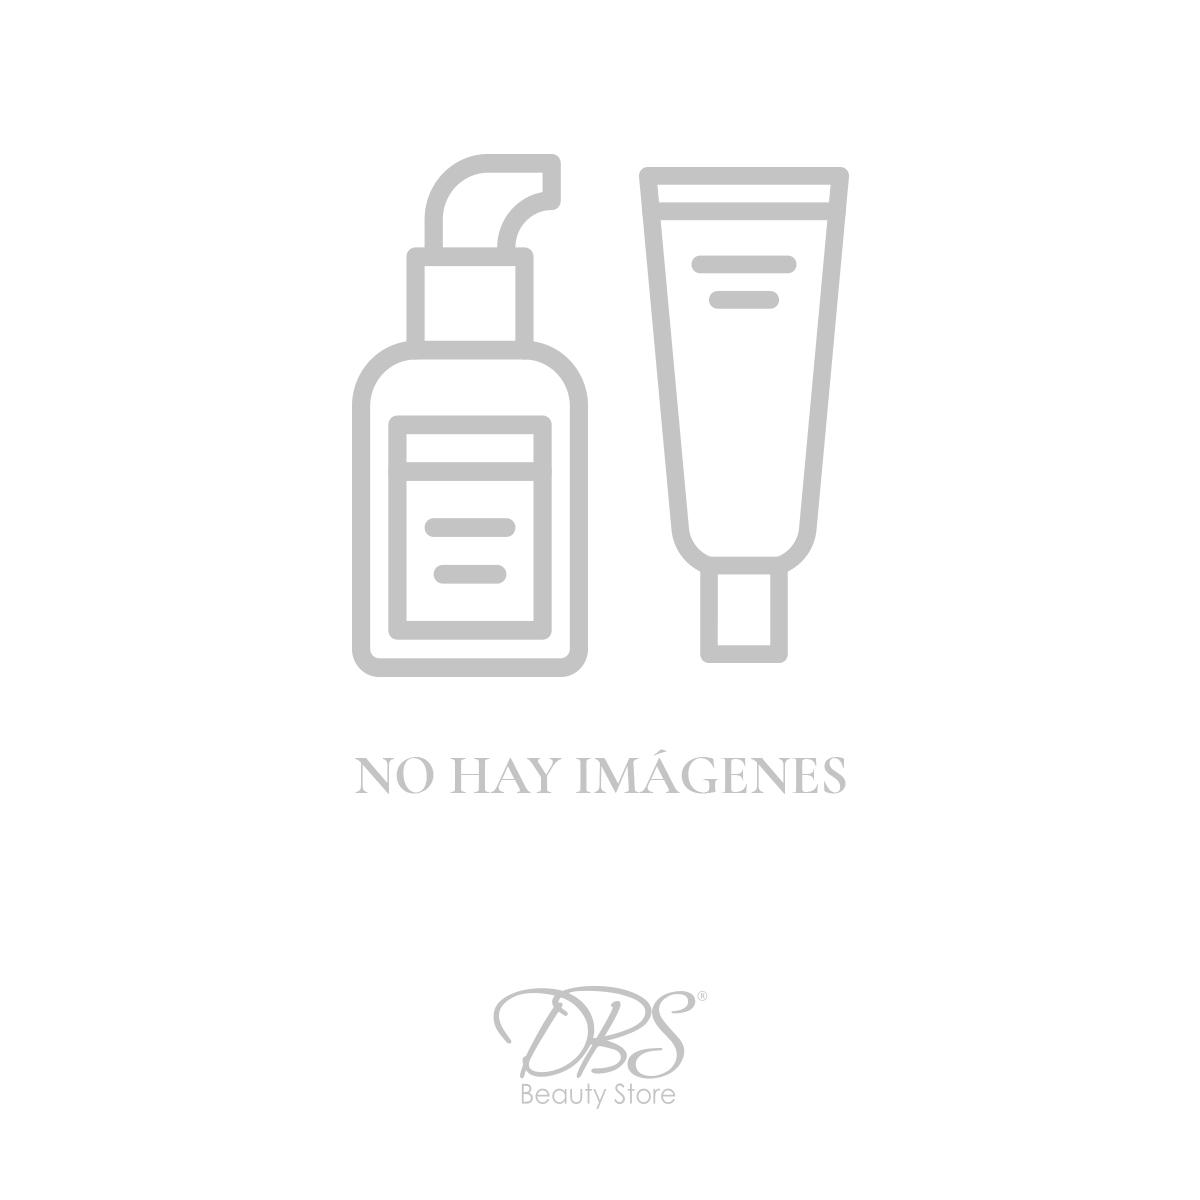 dbs-cosmetics-DBS-OS1033-MP.jpg